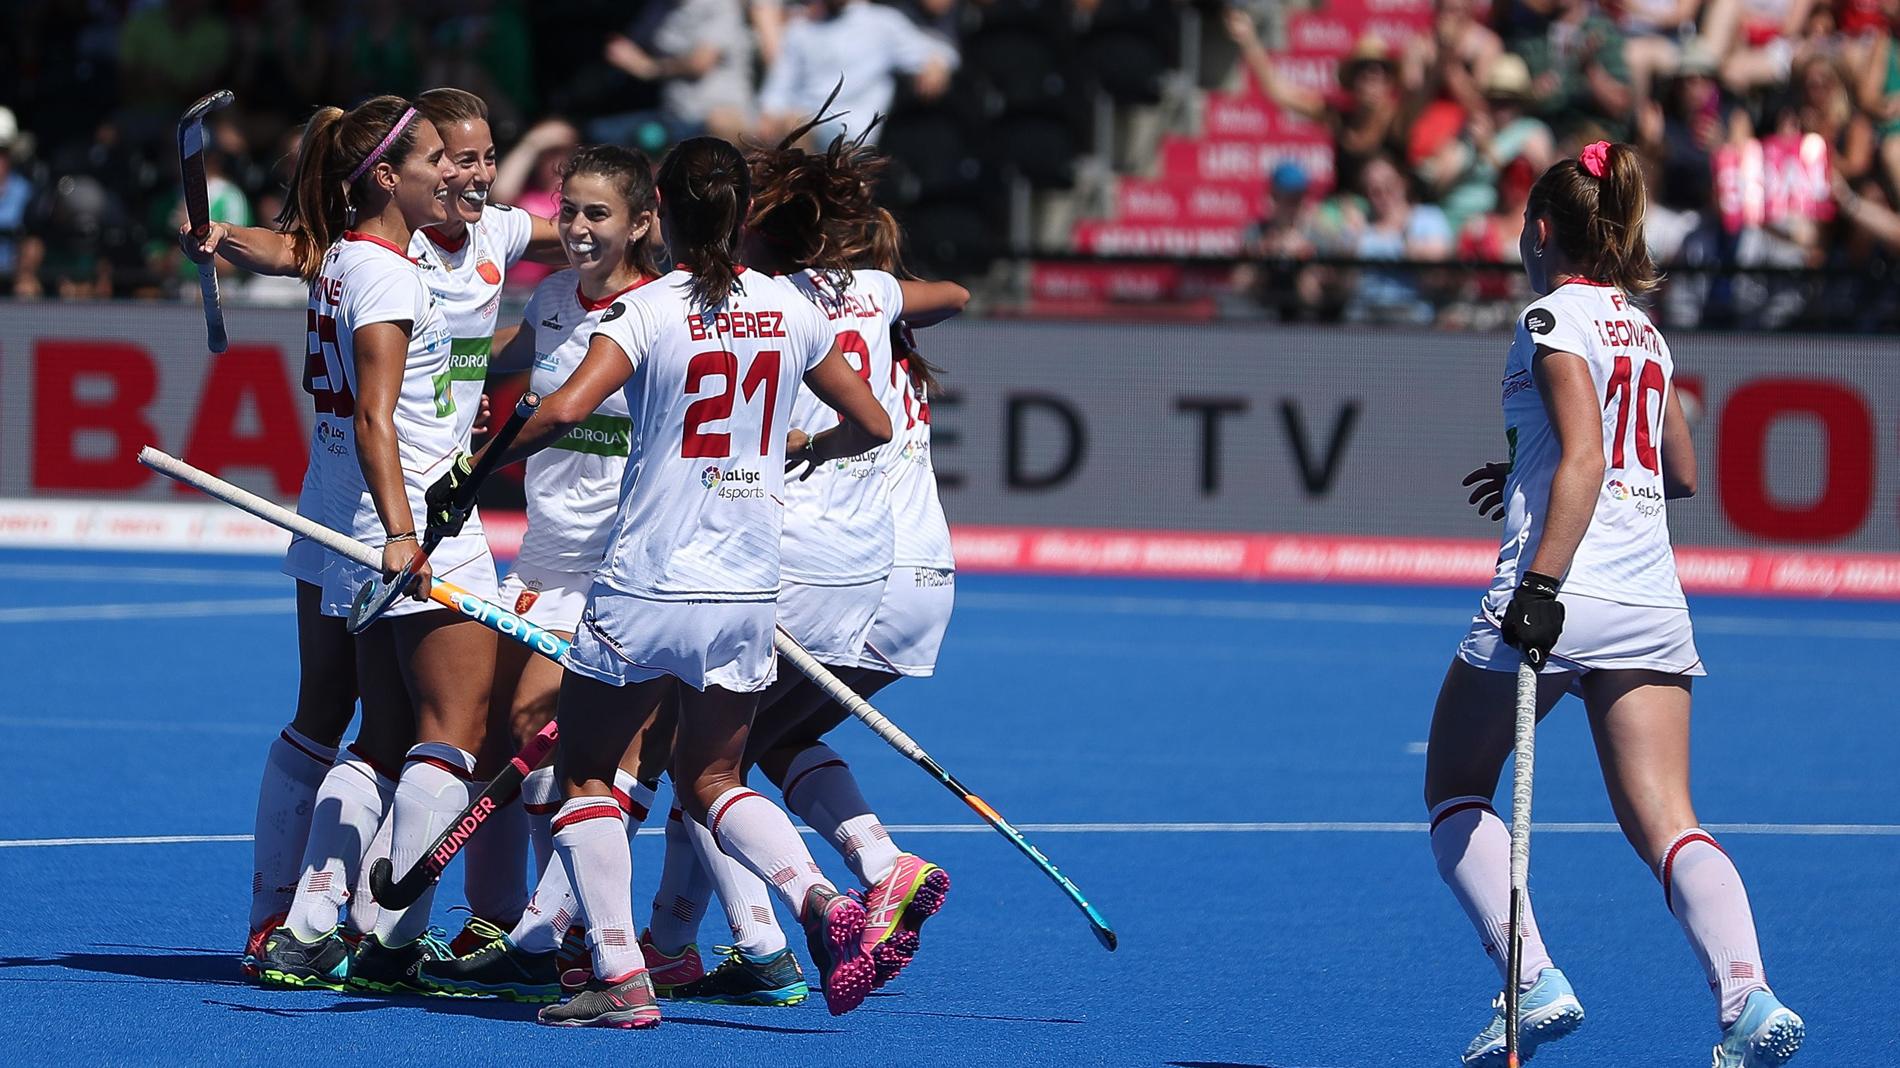 La selección femenina de hockey hierba busca billete para Tokio 2020